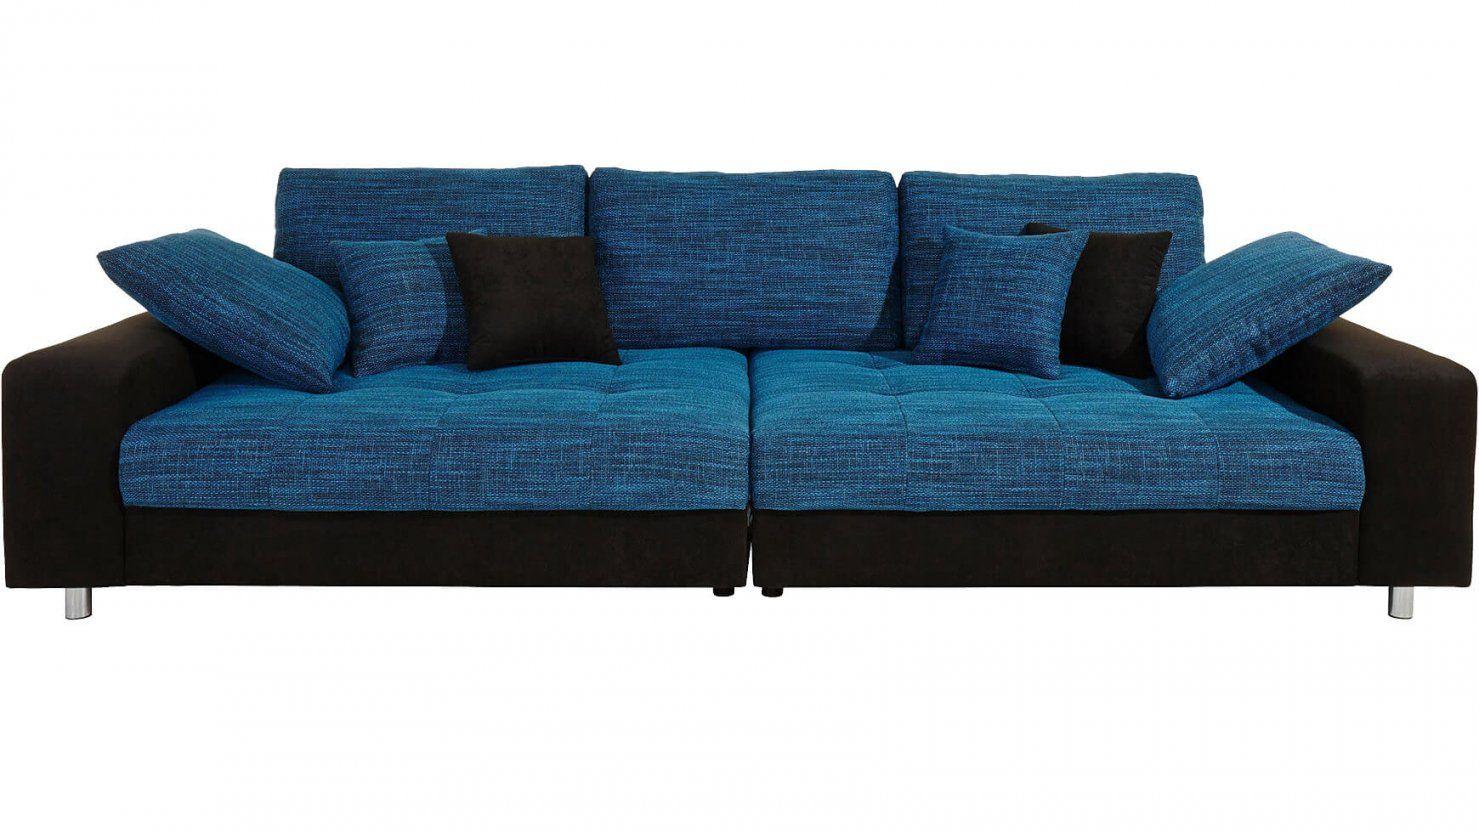 Xxl Sofa & Xxl Couch  Große Sofas Online Bestellen Cnouch von Big Sofa Auf Rechnung Photo